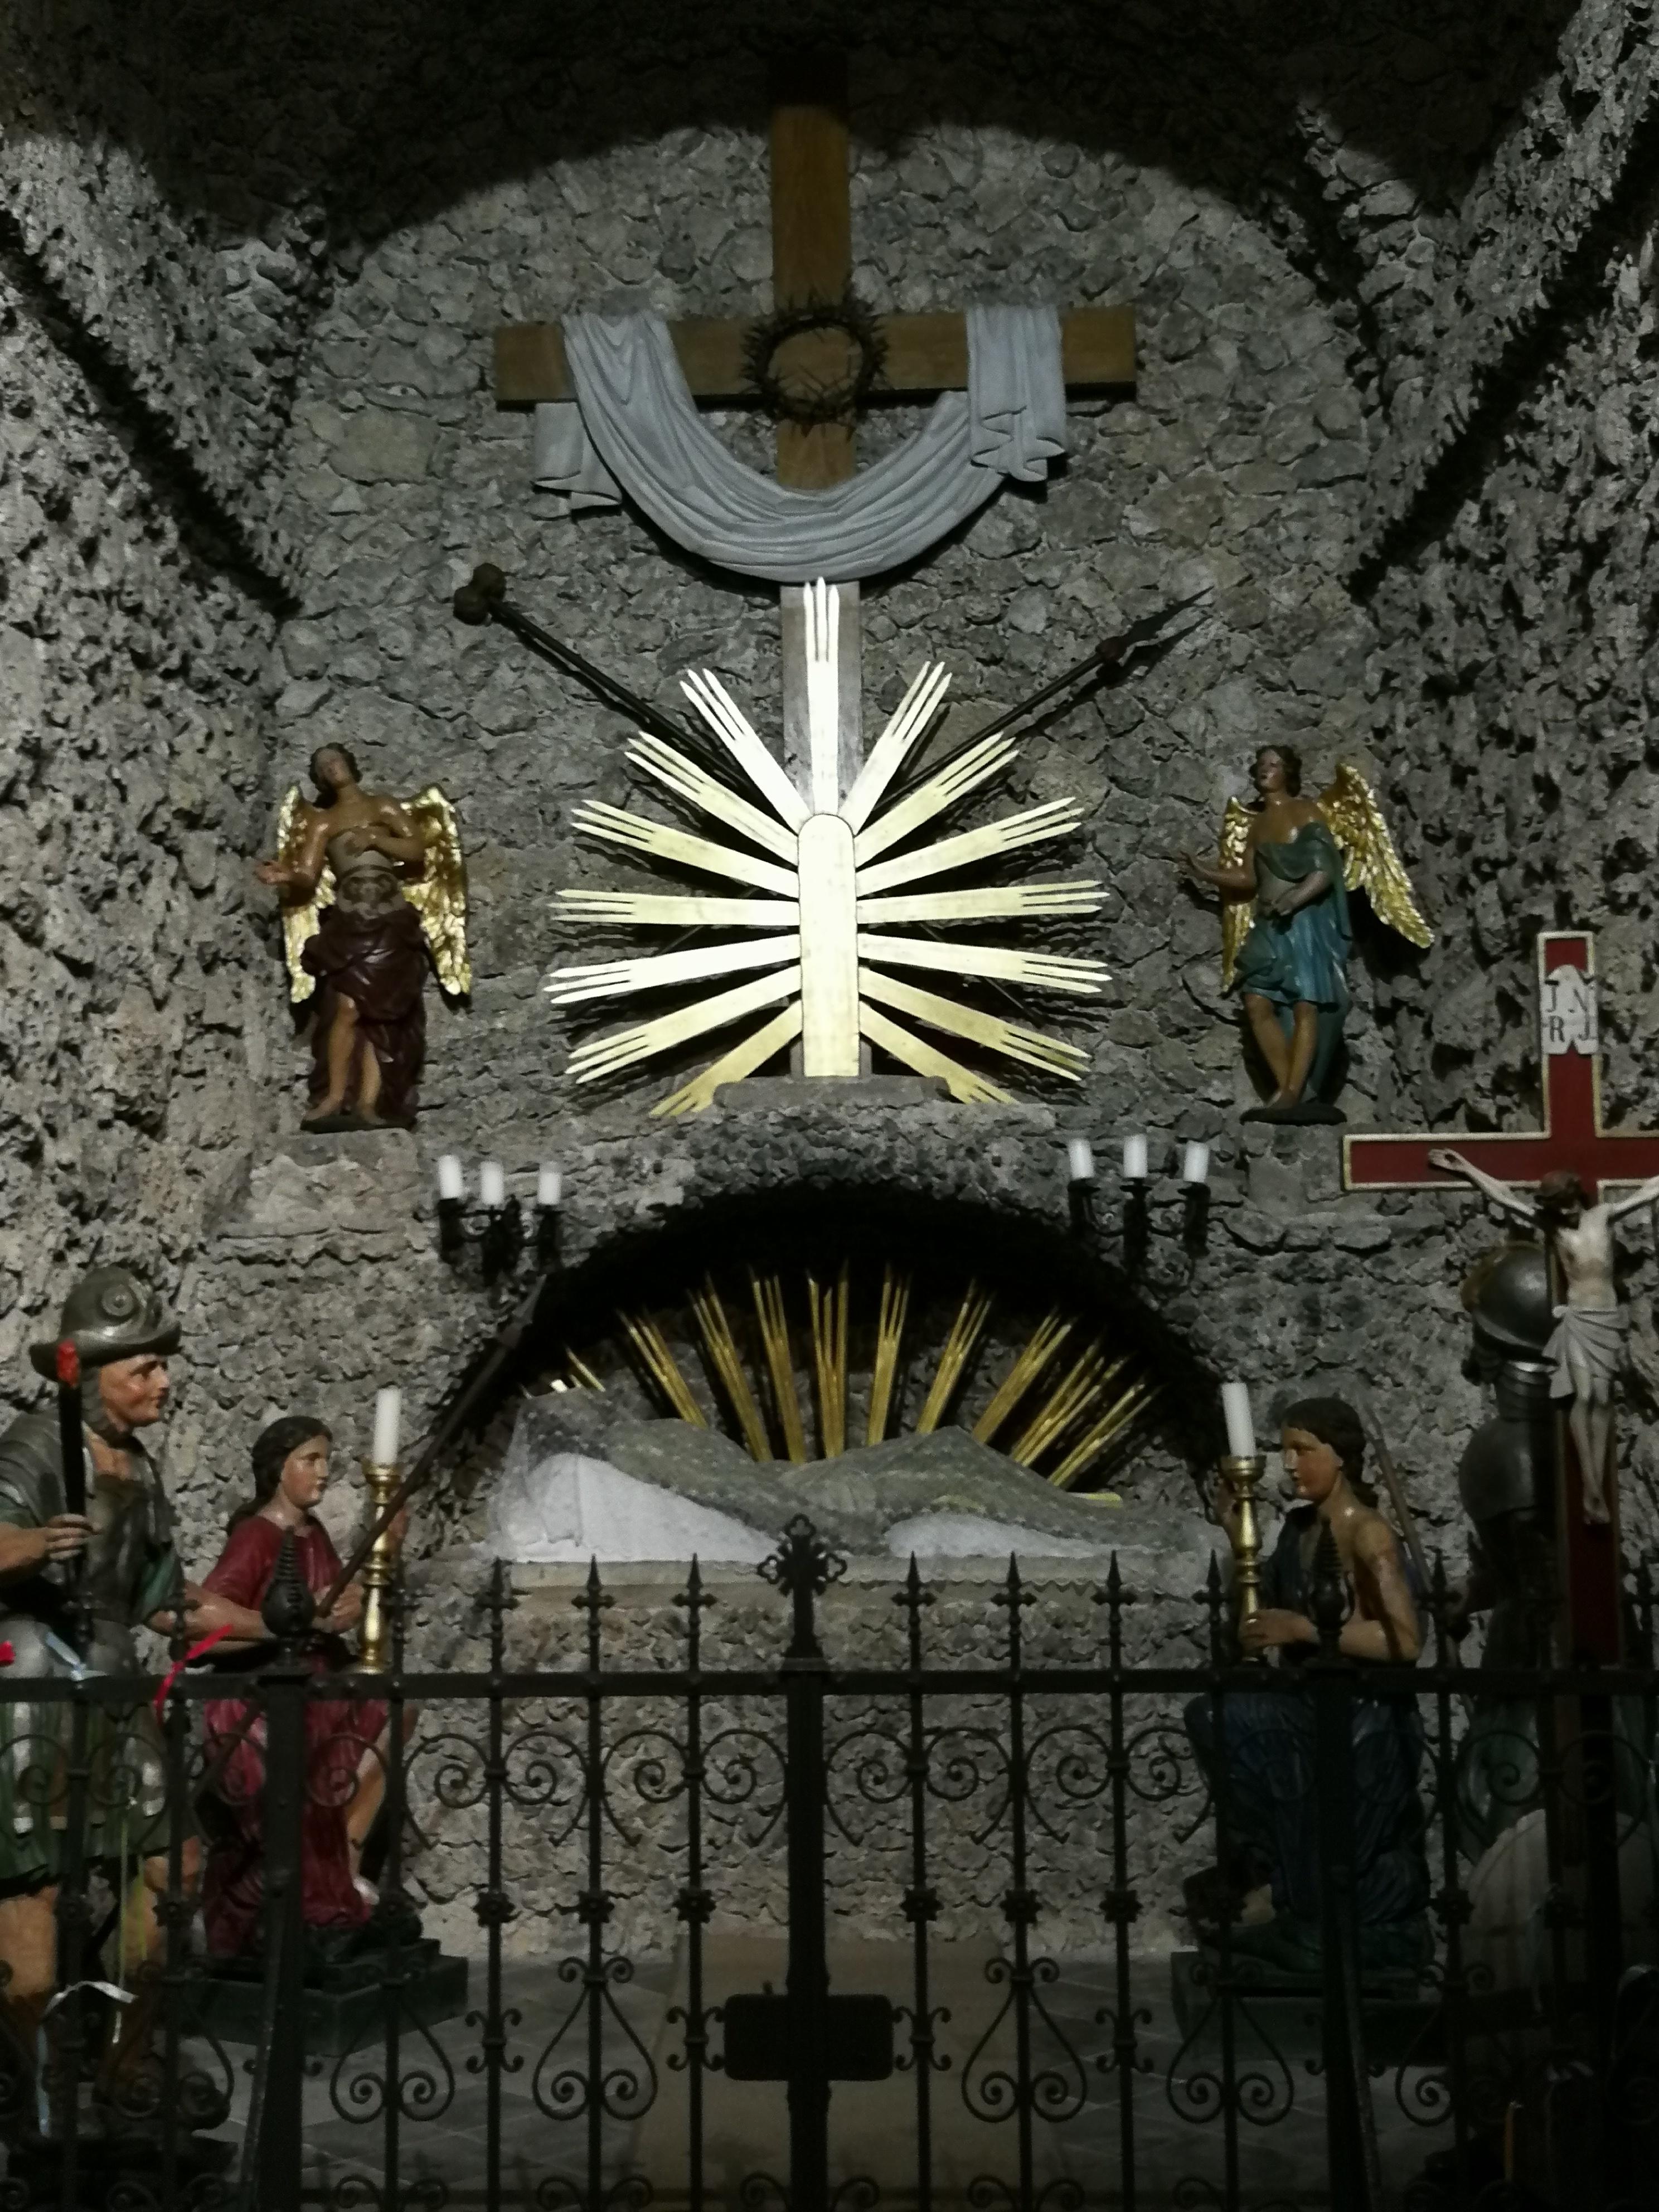 Kreuz gefesselt ans Devote lässt